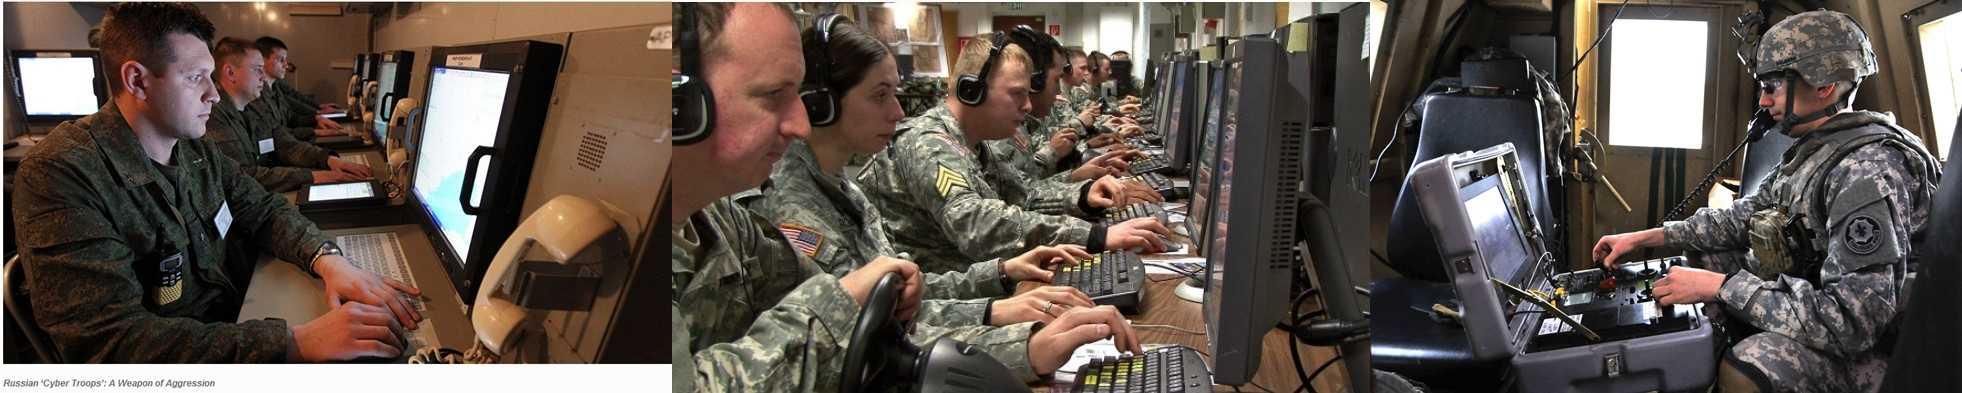 Pasukan Cyber Rusia (kiri), AS (CIA tengah) dan Rusia (kanan). Sumber : http://foreignpolicy.com, founderscode.com dan http://yournewswire.com